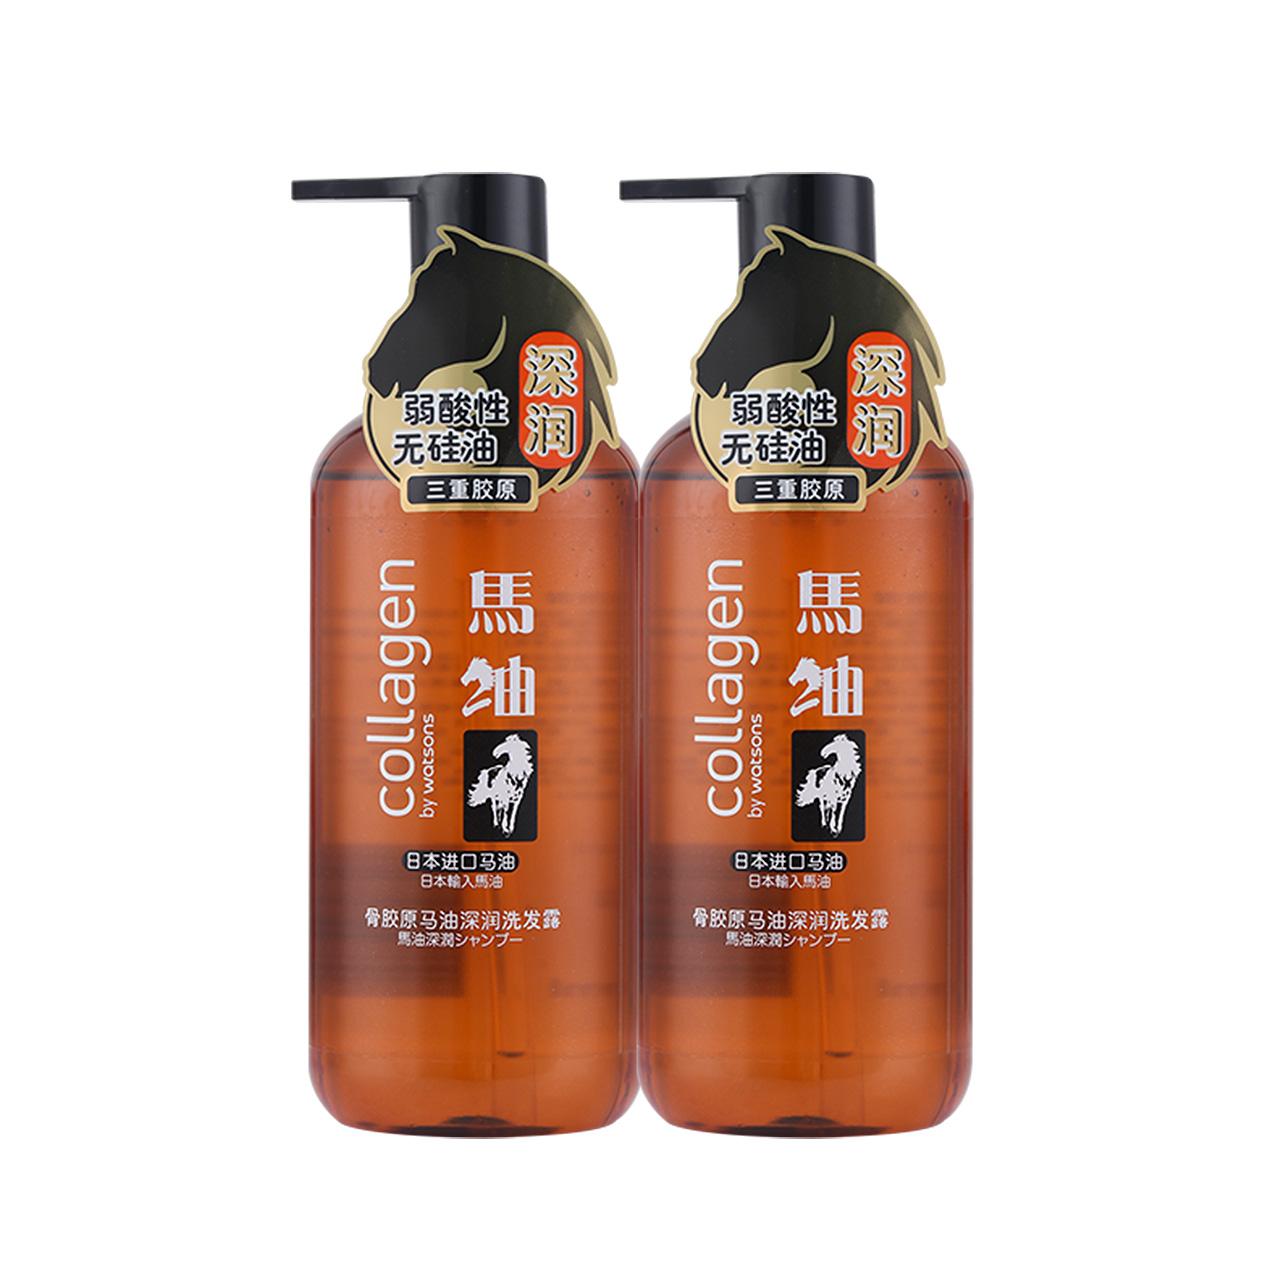 屈臣氏洗发水骨胶原马油洗发露500MLX2瓶去屑止痒持久正品